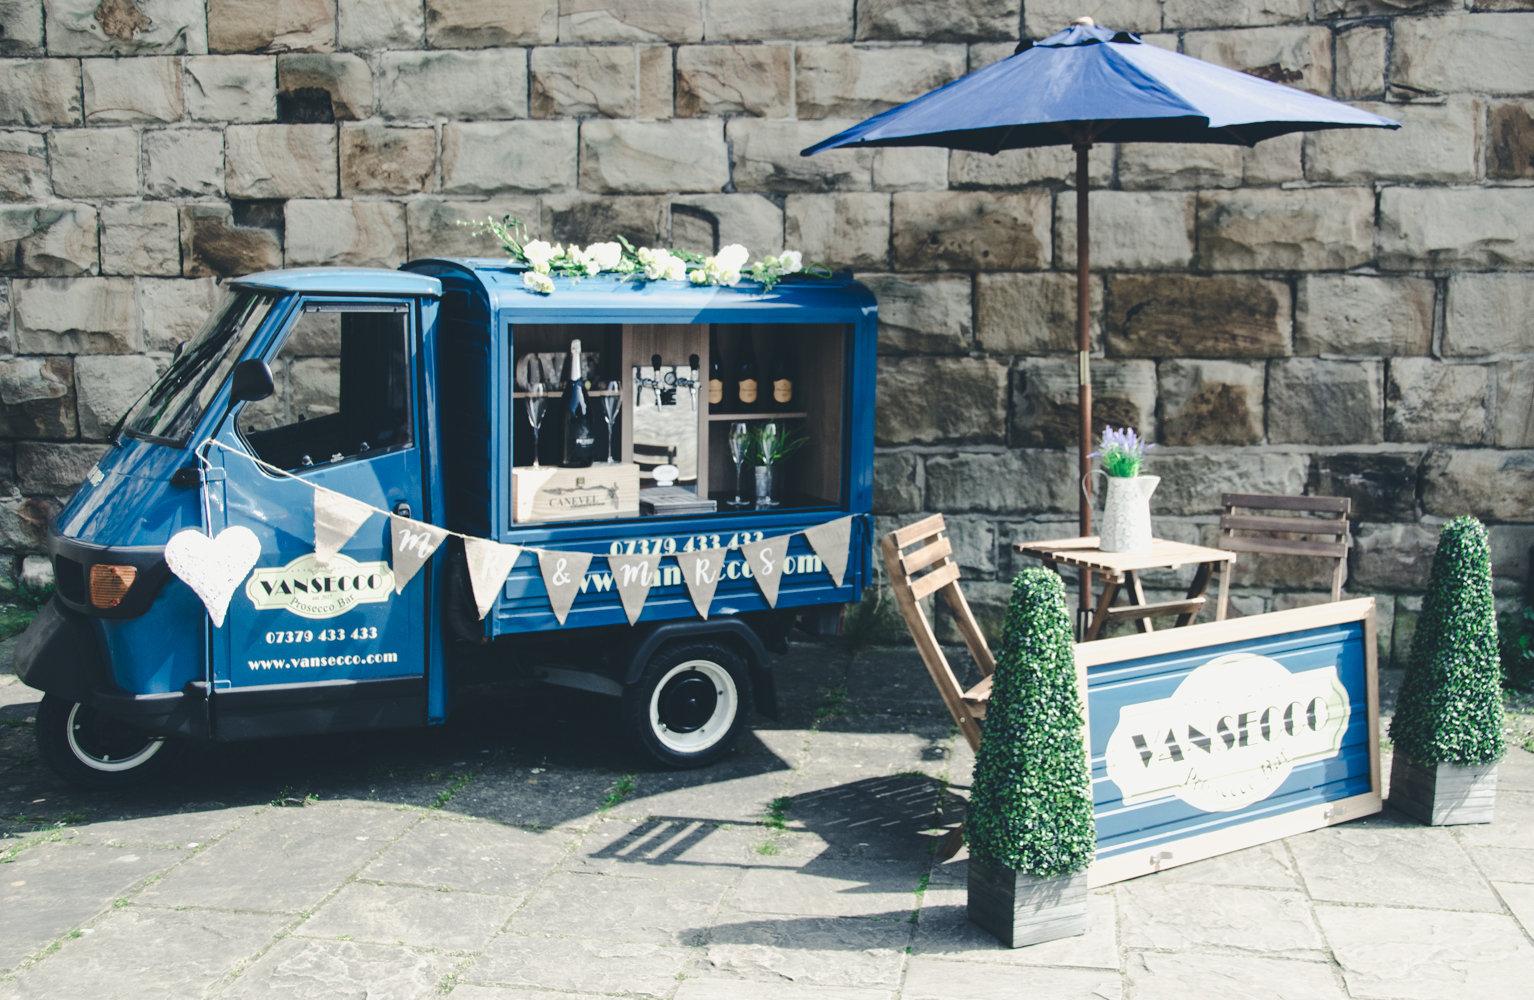 1996 Piaggio Ape Mobile Prosecco Van... REDUCED PRICE For Sale (picture 1 of 4)